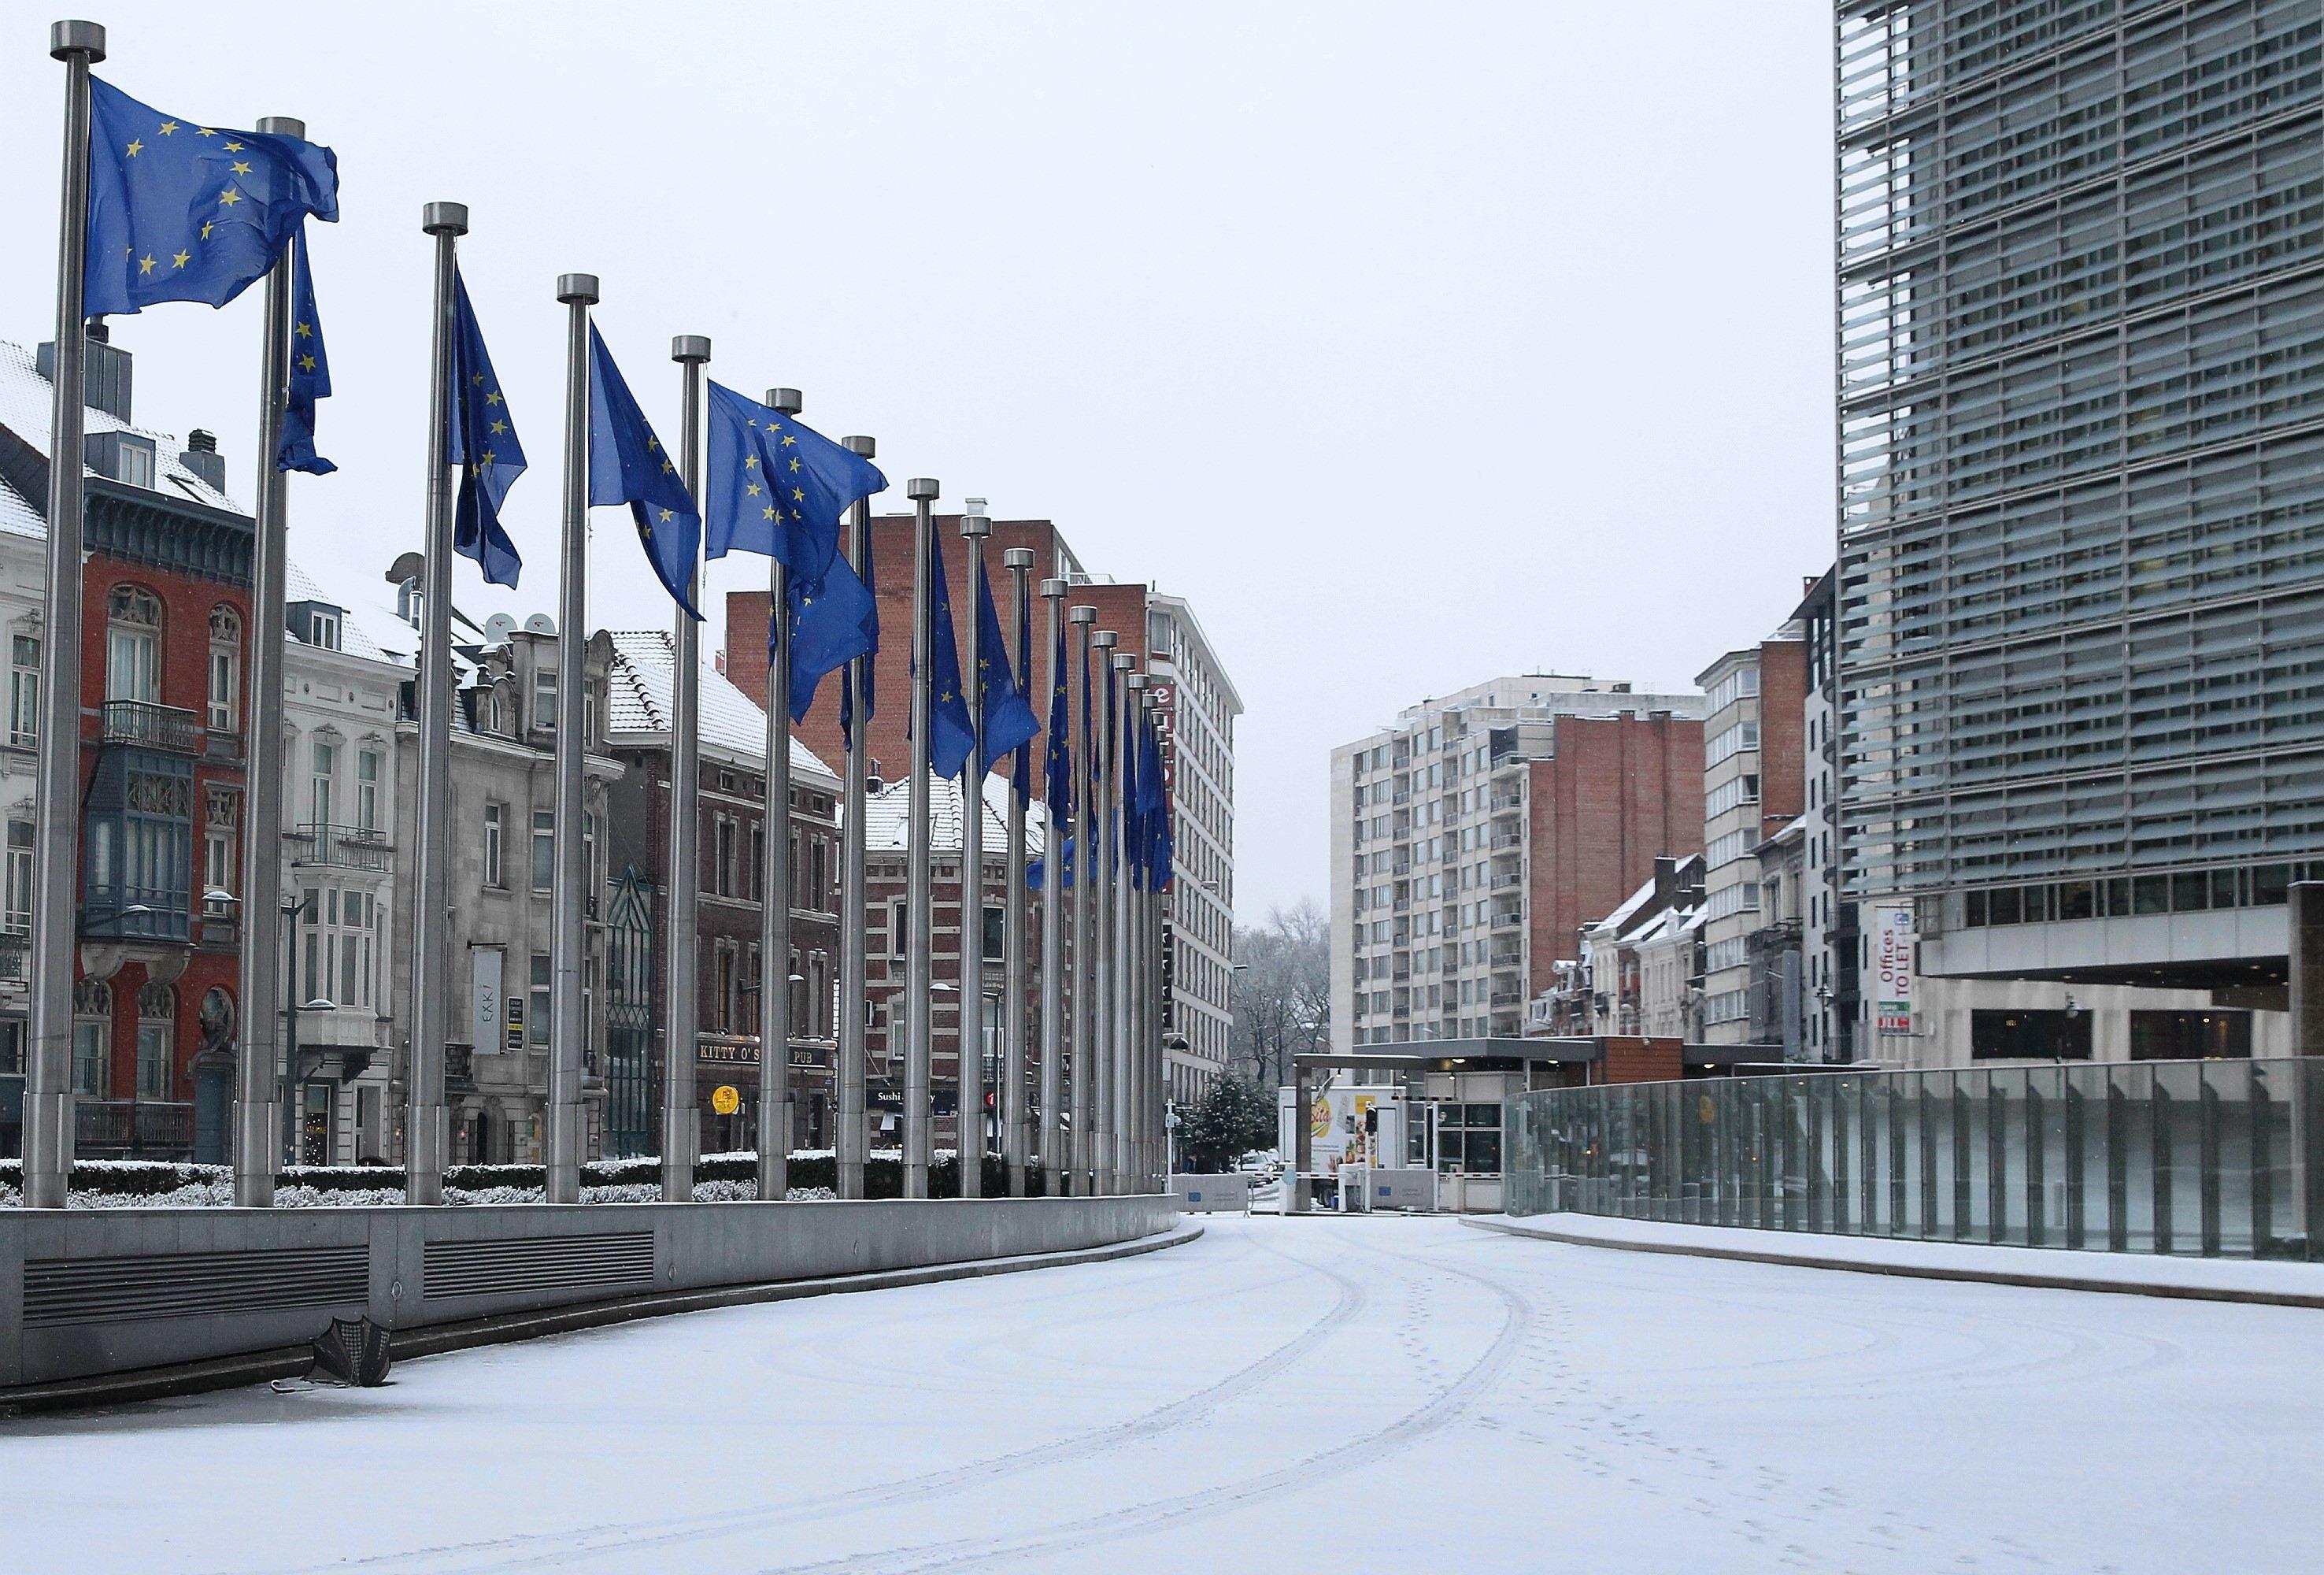 Comisia Europeană discută miercuri `ultimele evoluţii privind situaţia din România`. Parlamentul urmează să dezbată `ameninţări la adresa statului de drept`